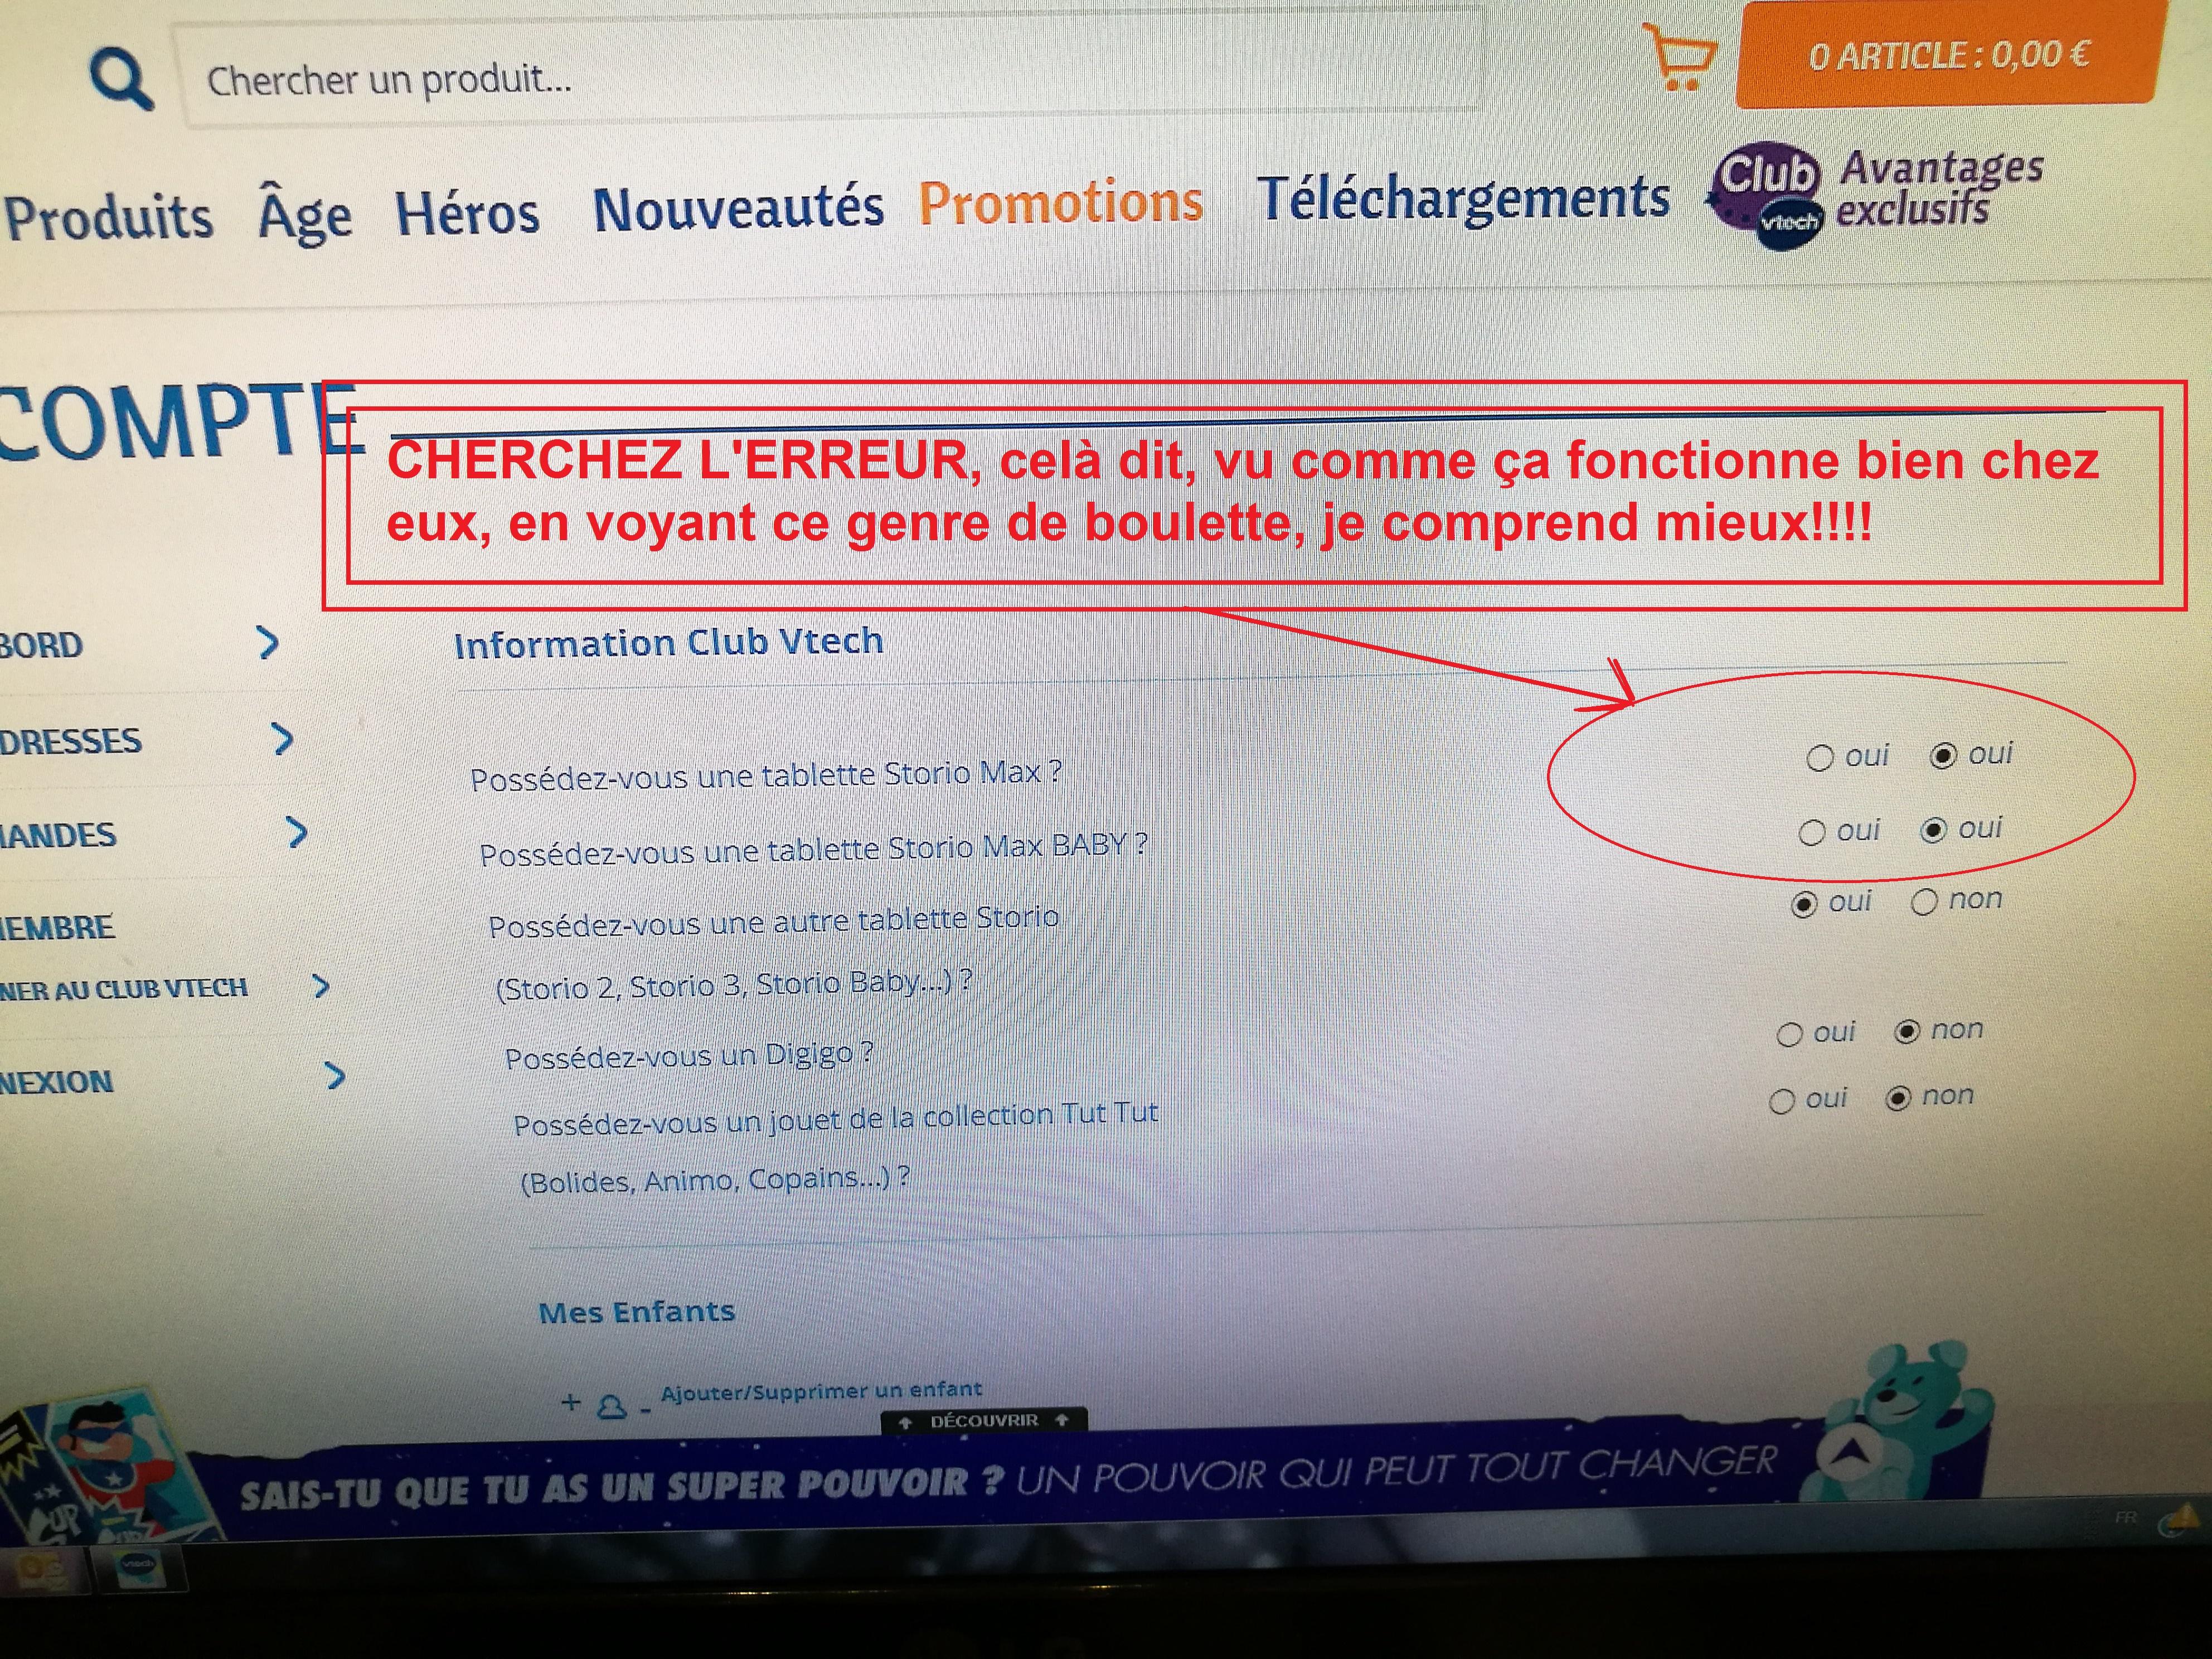 PARK EXPLORA TÉLÉCHARGER VTECH LOGICIEL